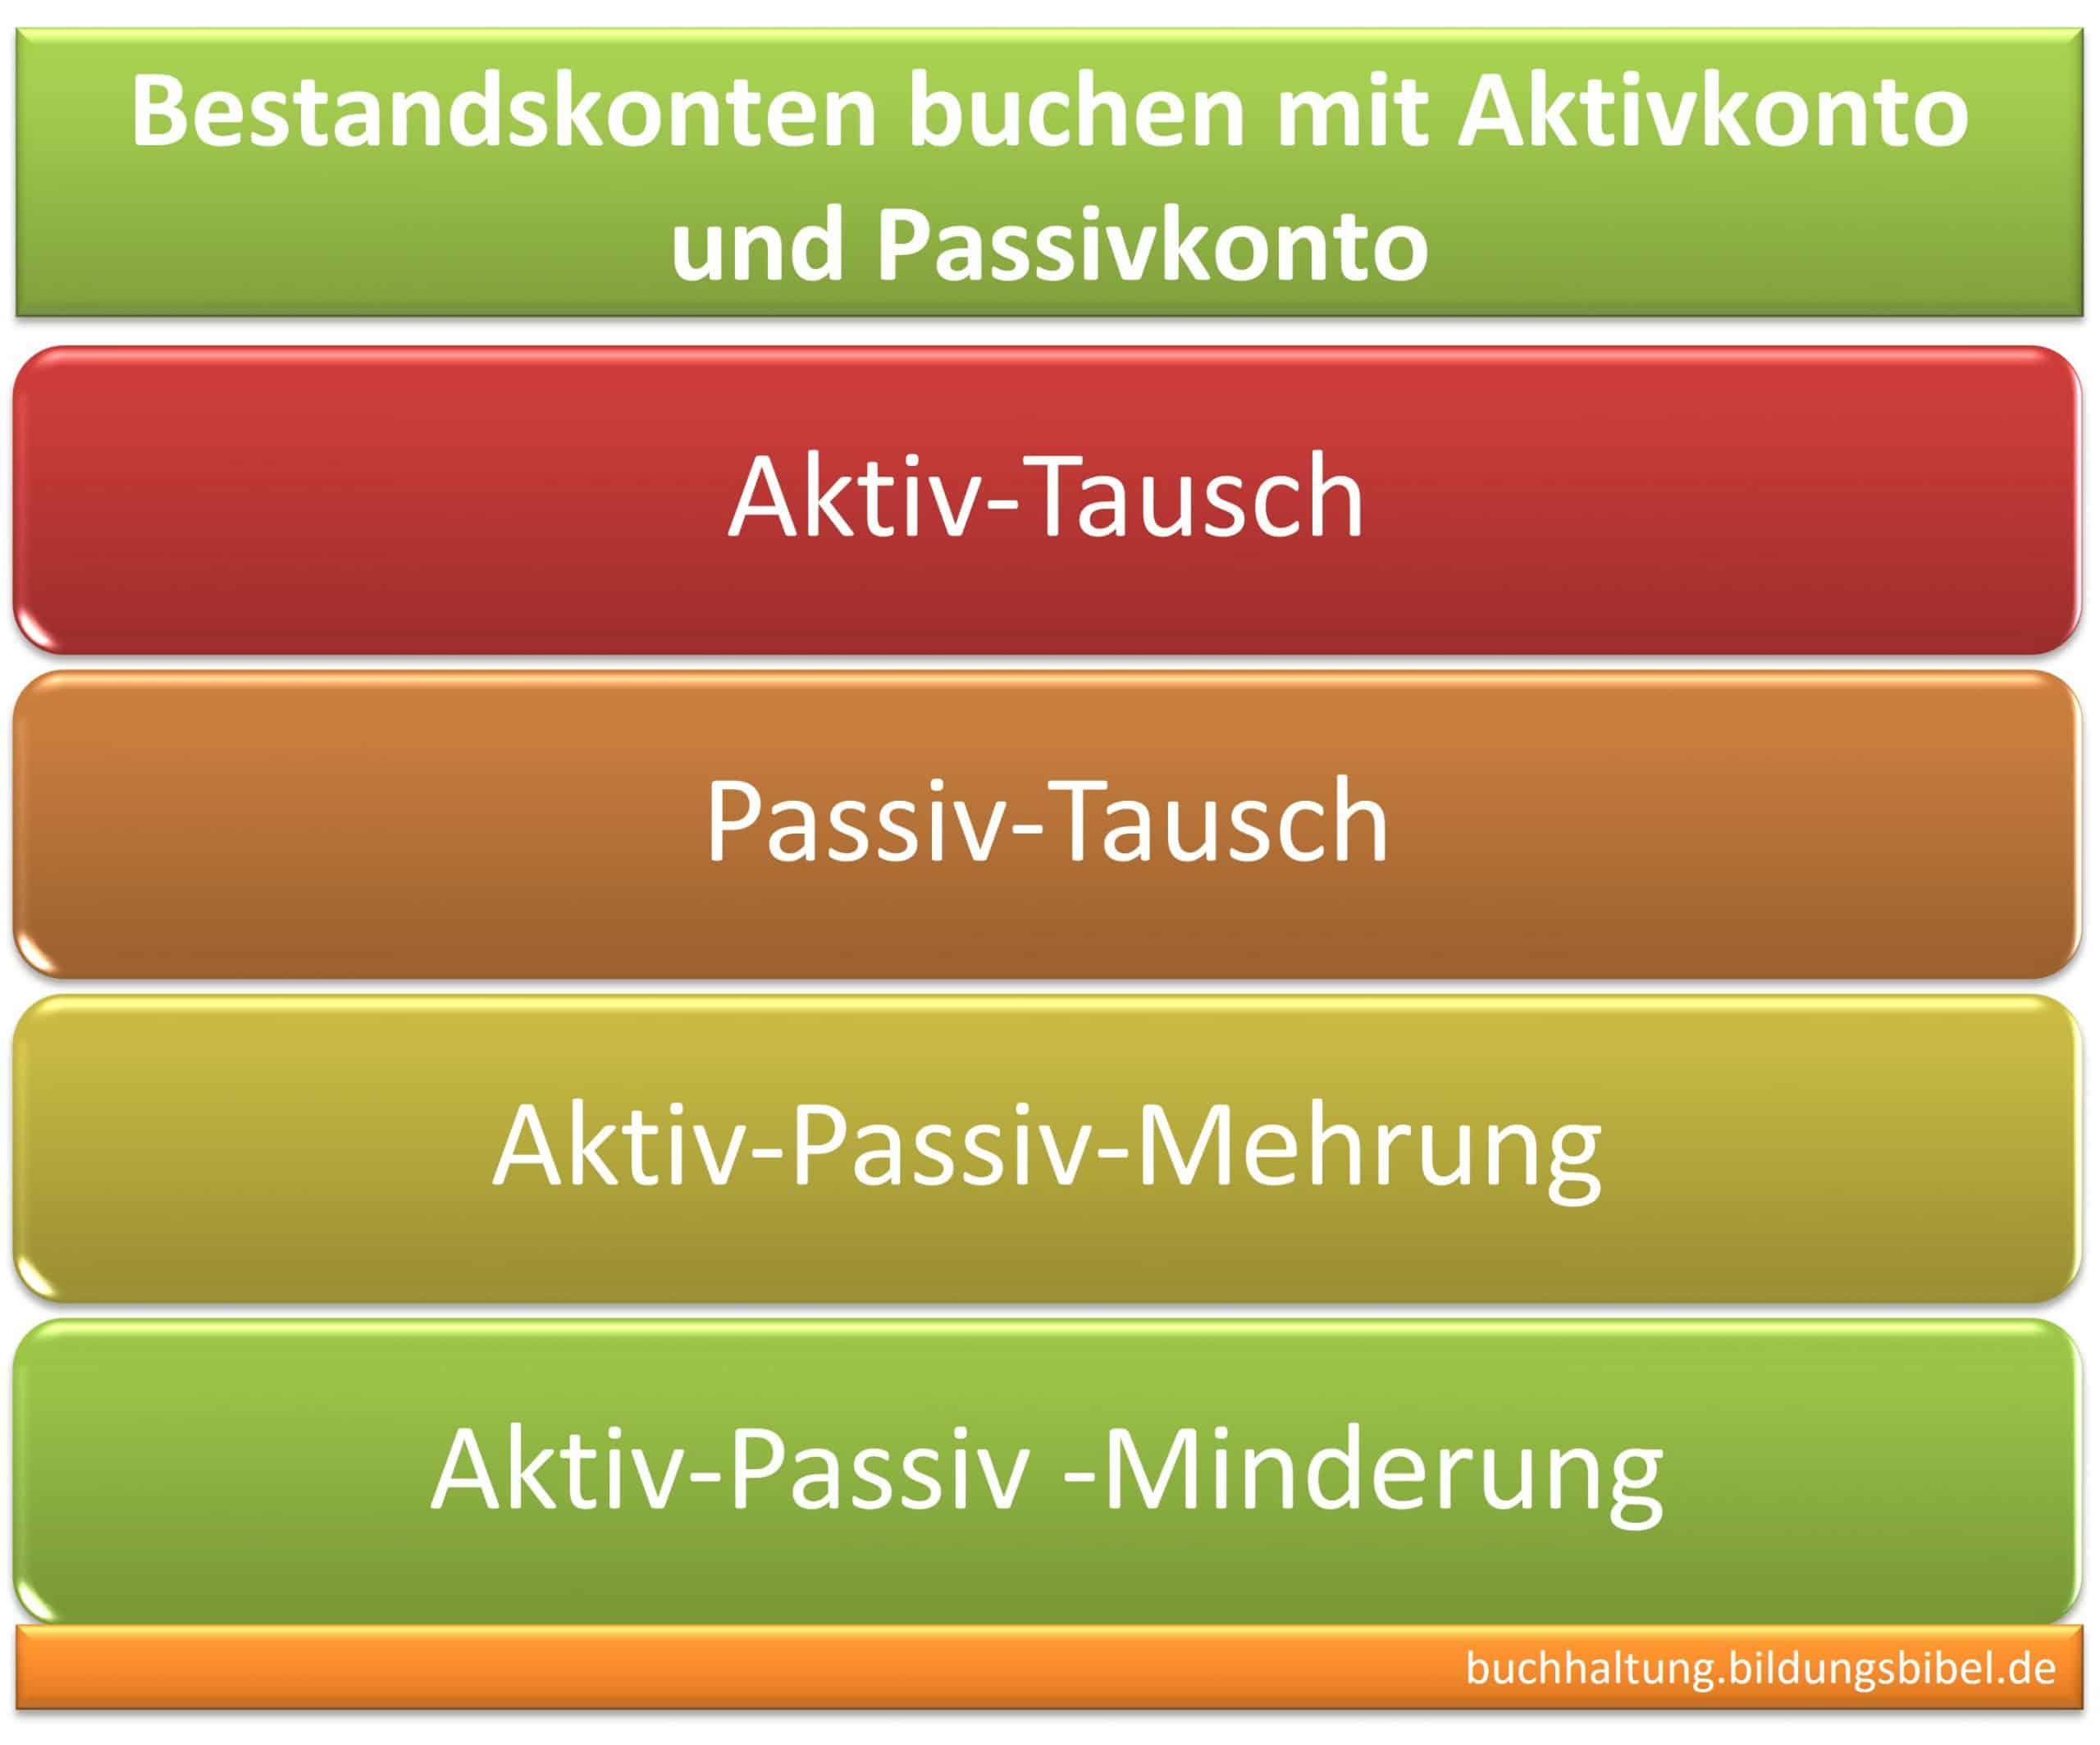 Bestandskonten buchen mit Beispiel zu Aktivkonto u. Passivkonto lernen, Aktiv-Tausch, Passiv-Tausch, Aktiv-Passiv-Mehrung und -Minderung.